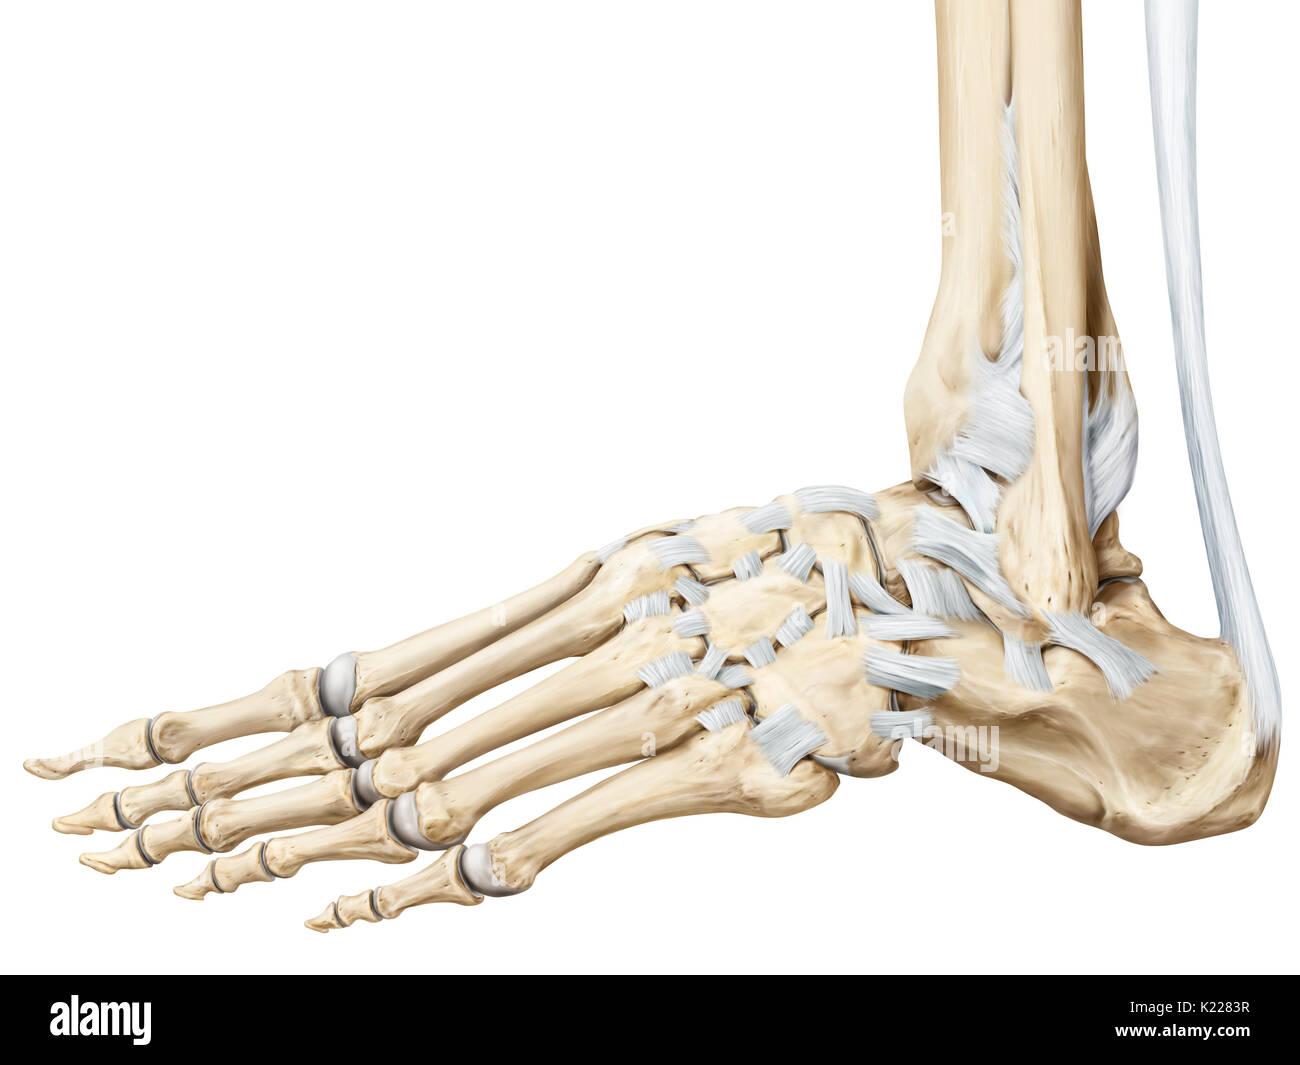 Ziemlich Anatomie Der Knochen Und Gelenke Ideen - Menschliche ...